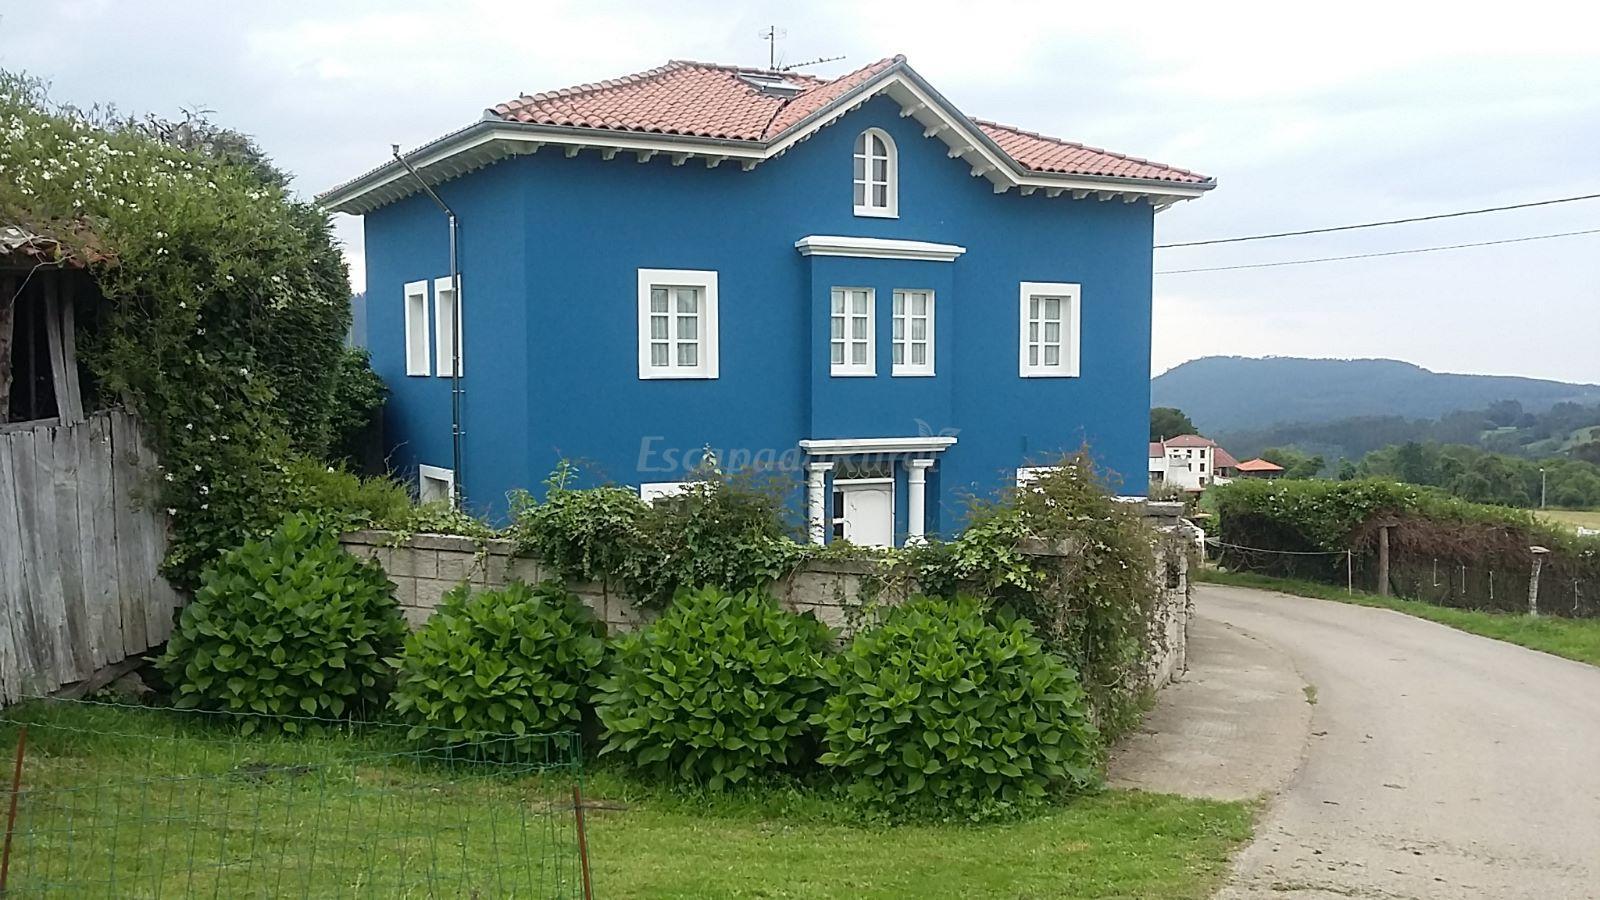 Fotos de casa indiana casa de campo empravia asturias - Casa de campo asturias ...